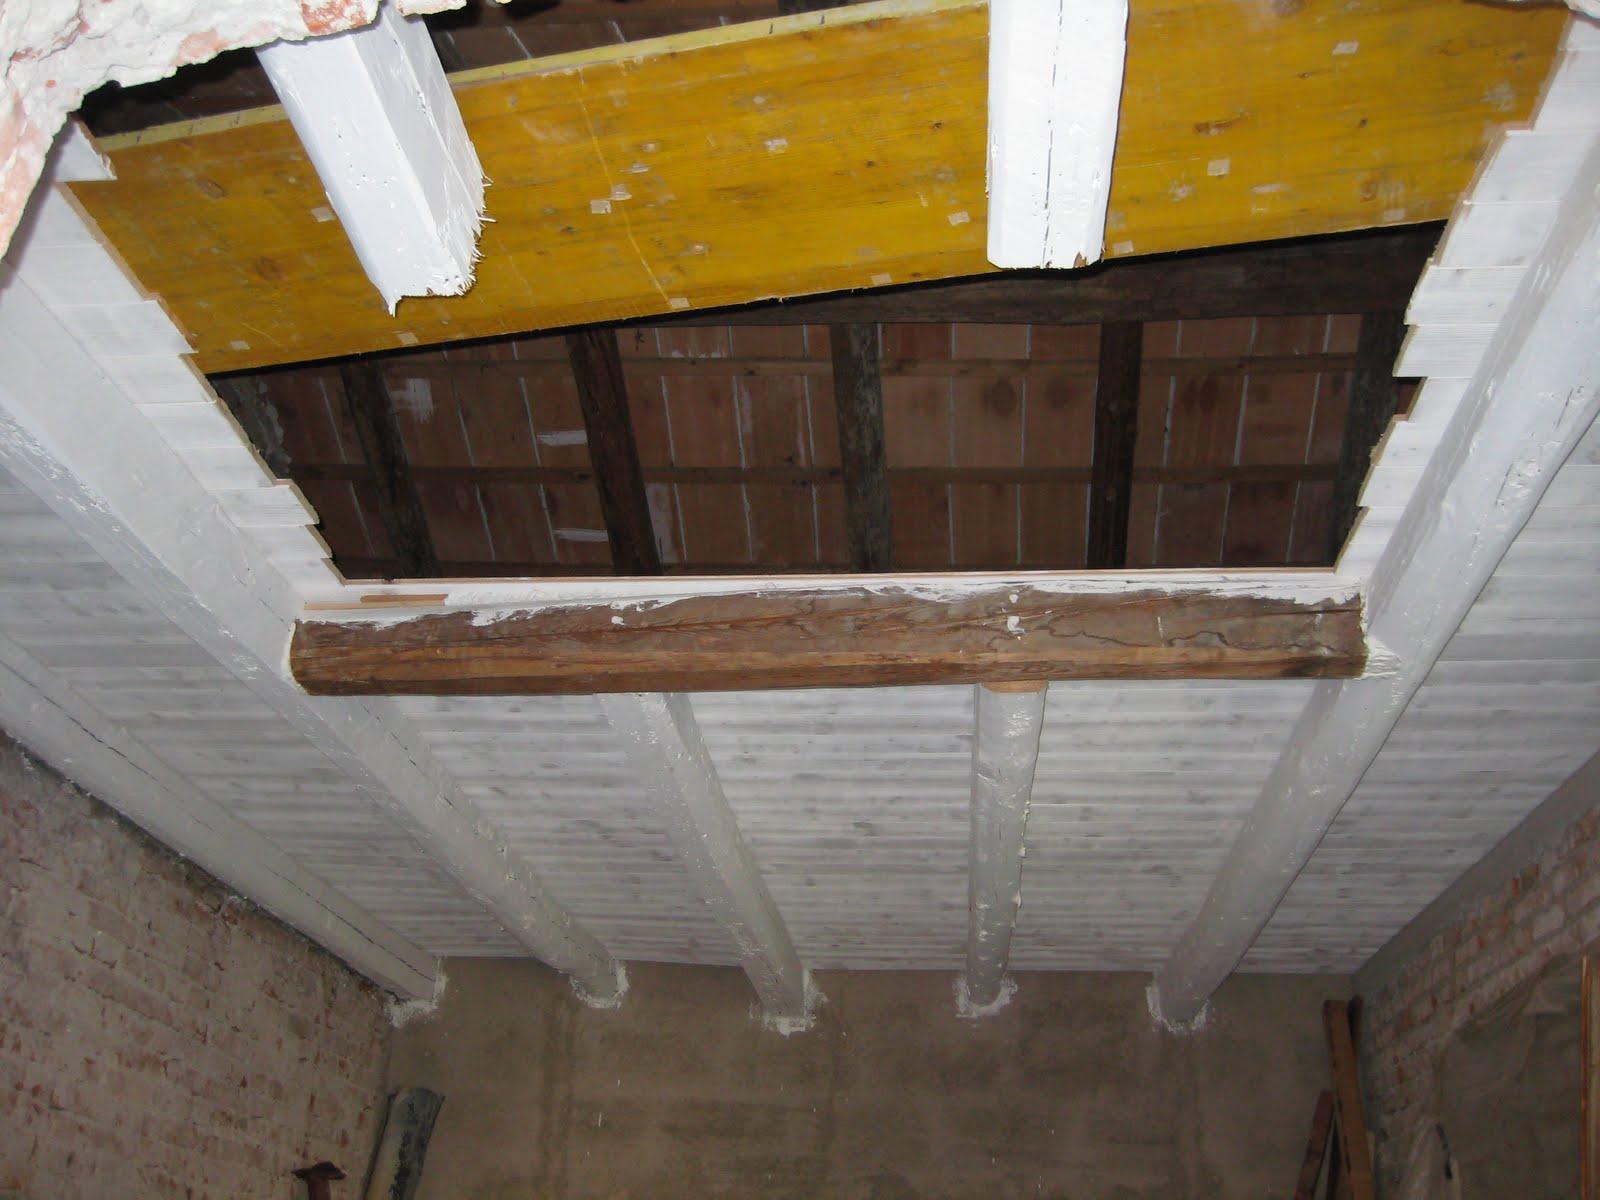 Soffitto Con Travi A Vista Costo : Soffitto con travi a vista costo ...